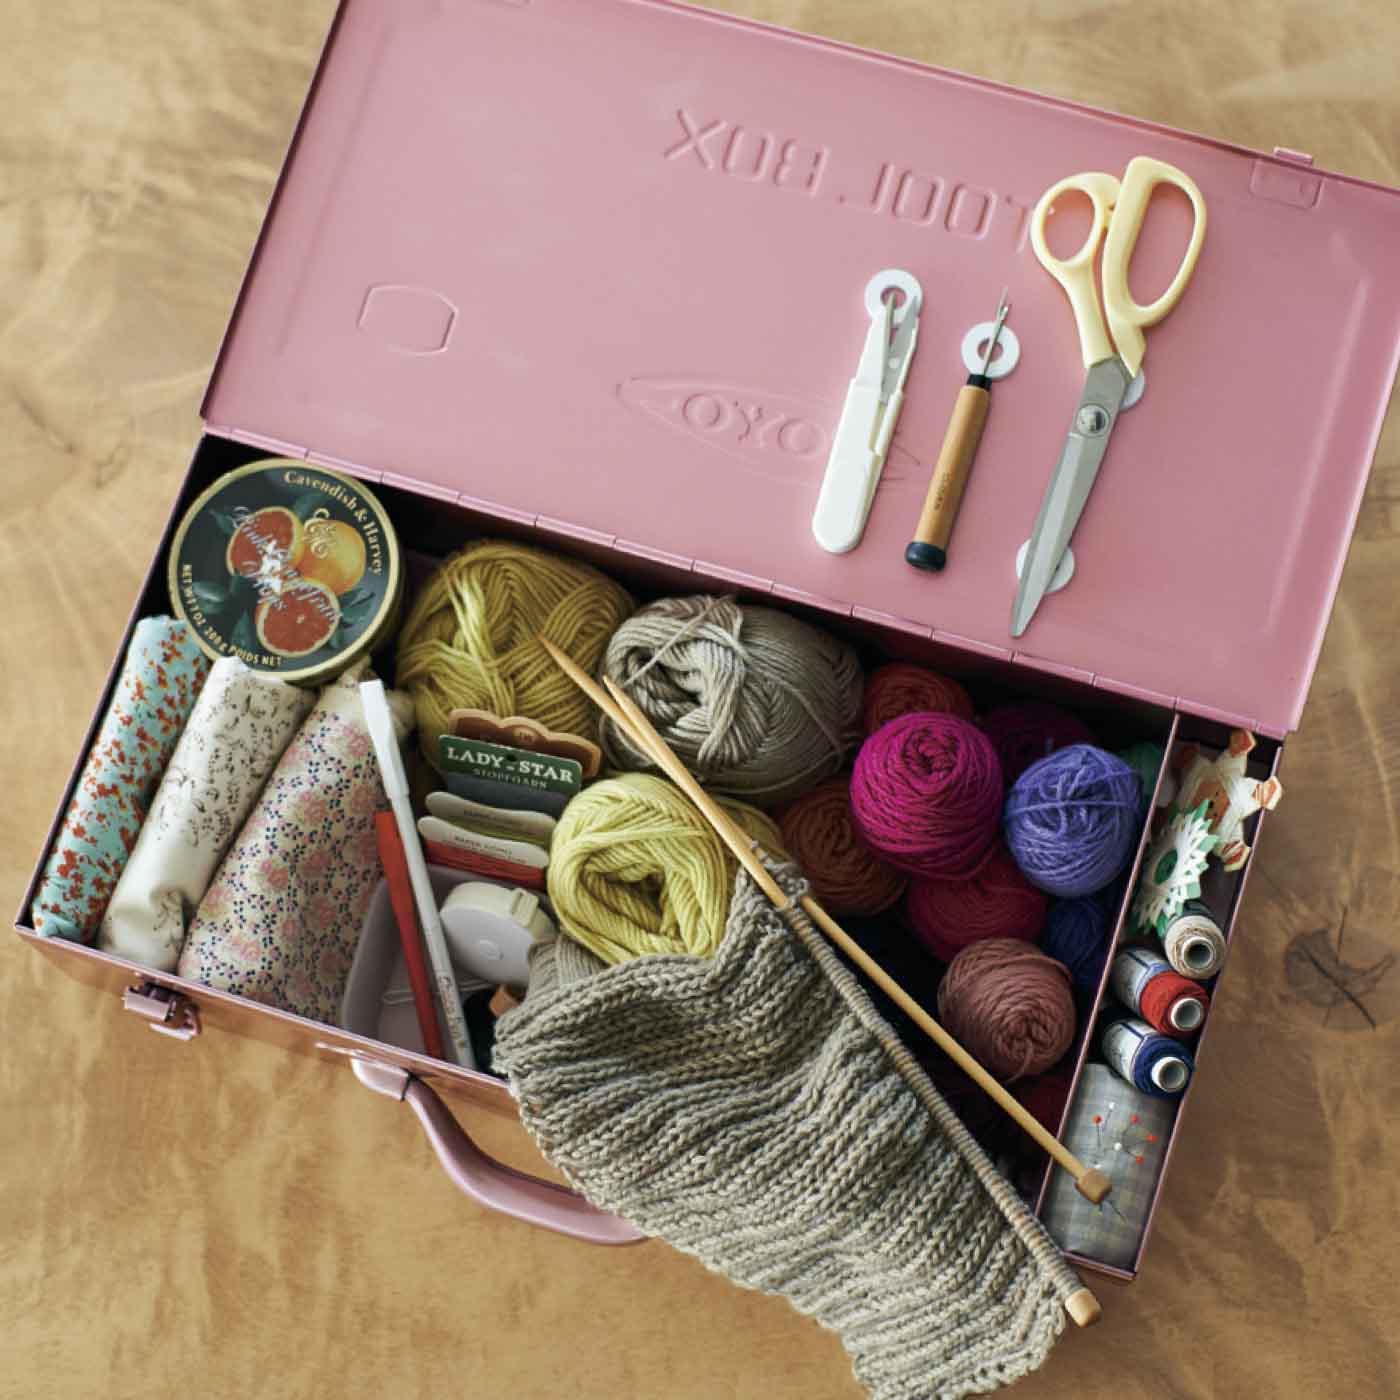 編み物や手芸用品を入れても。右端には小物を収納できるポケット付き。